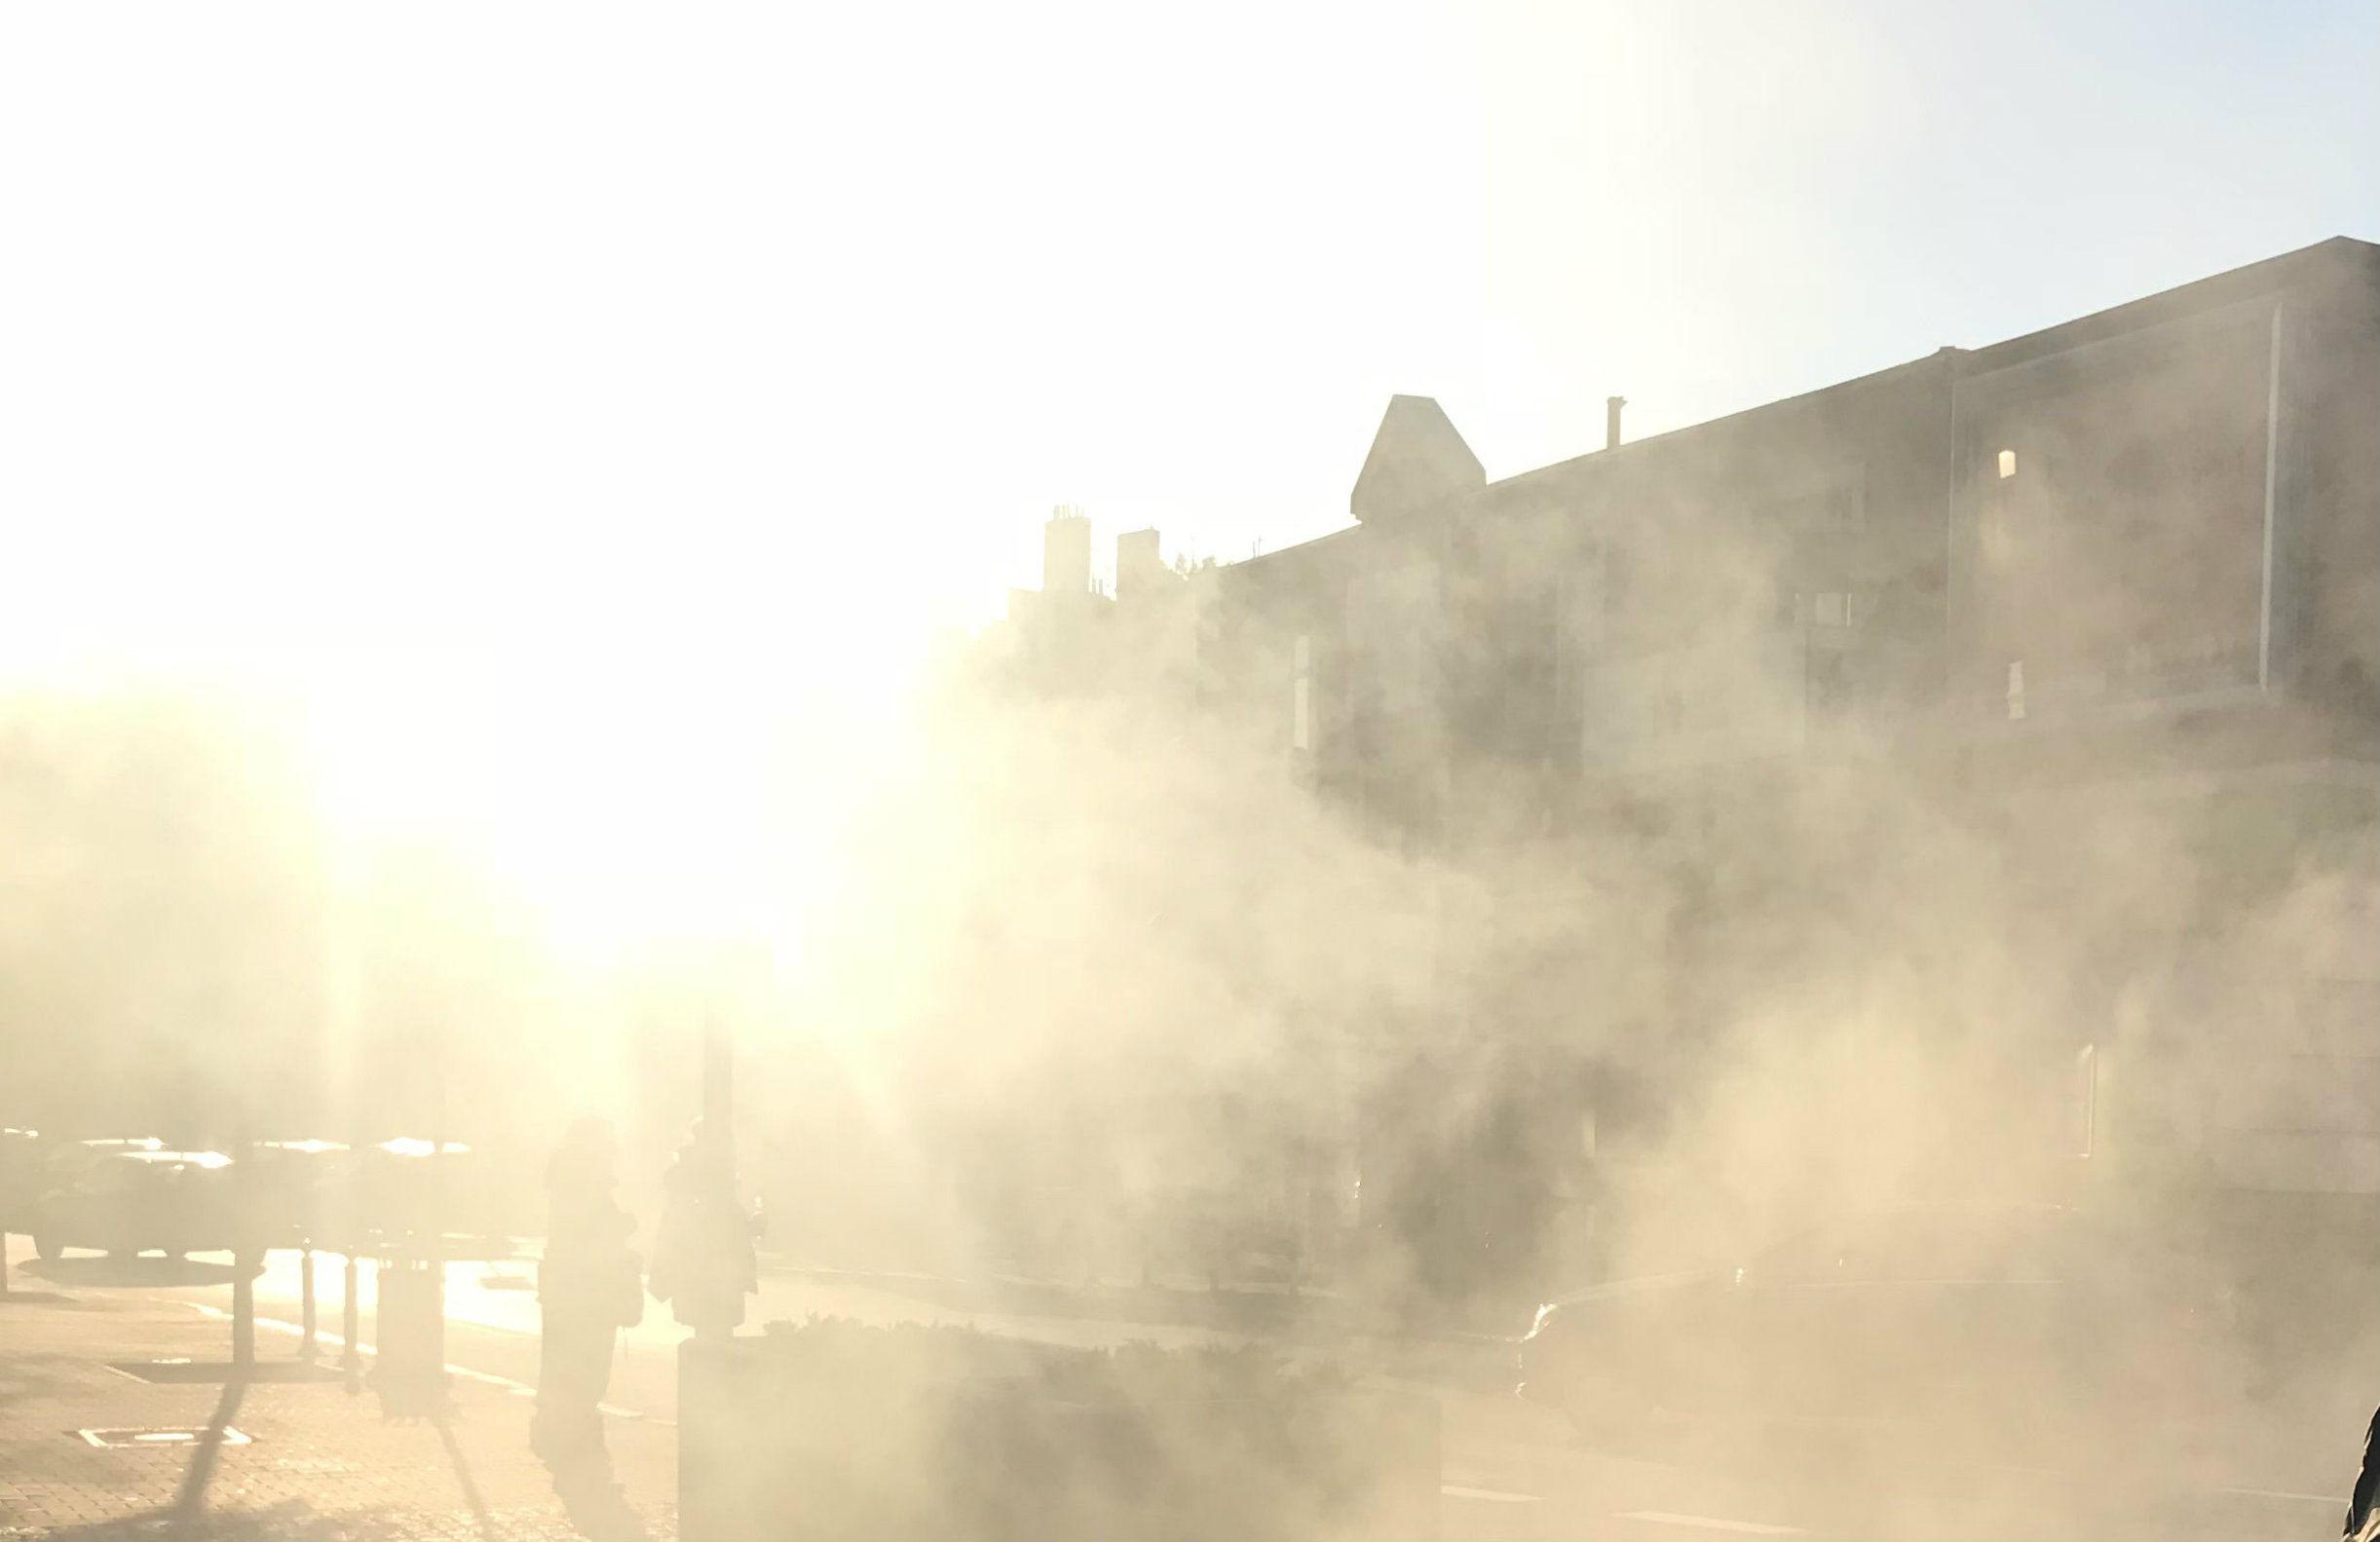 Jak radzić sobie ze smogiem i co zrobić, by go zmniejszyć?